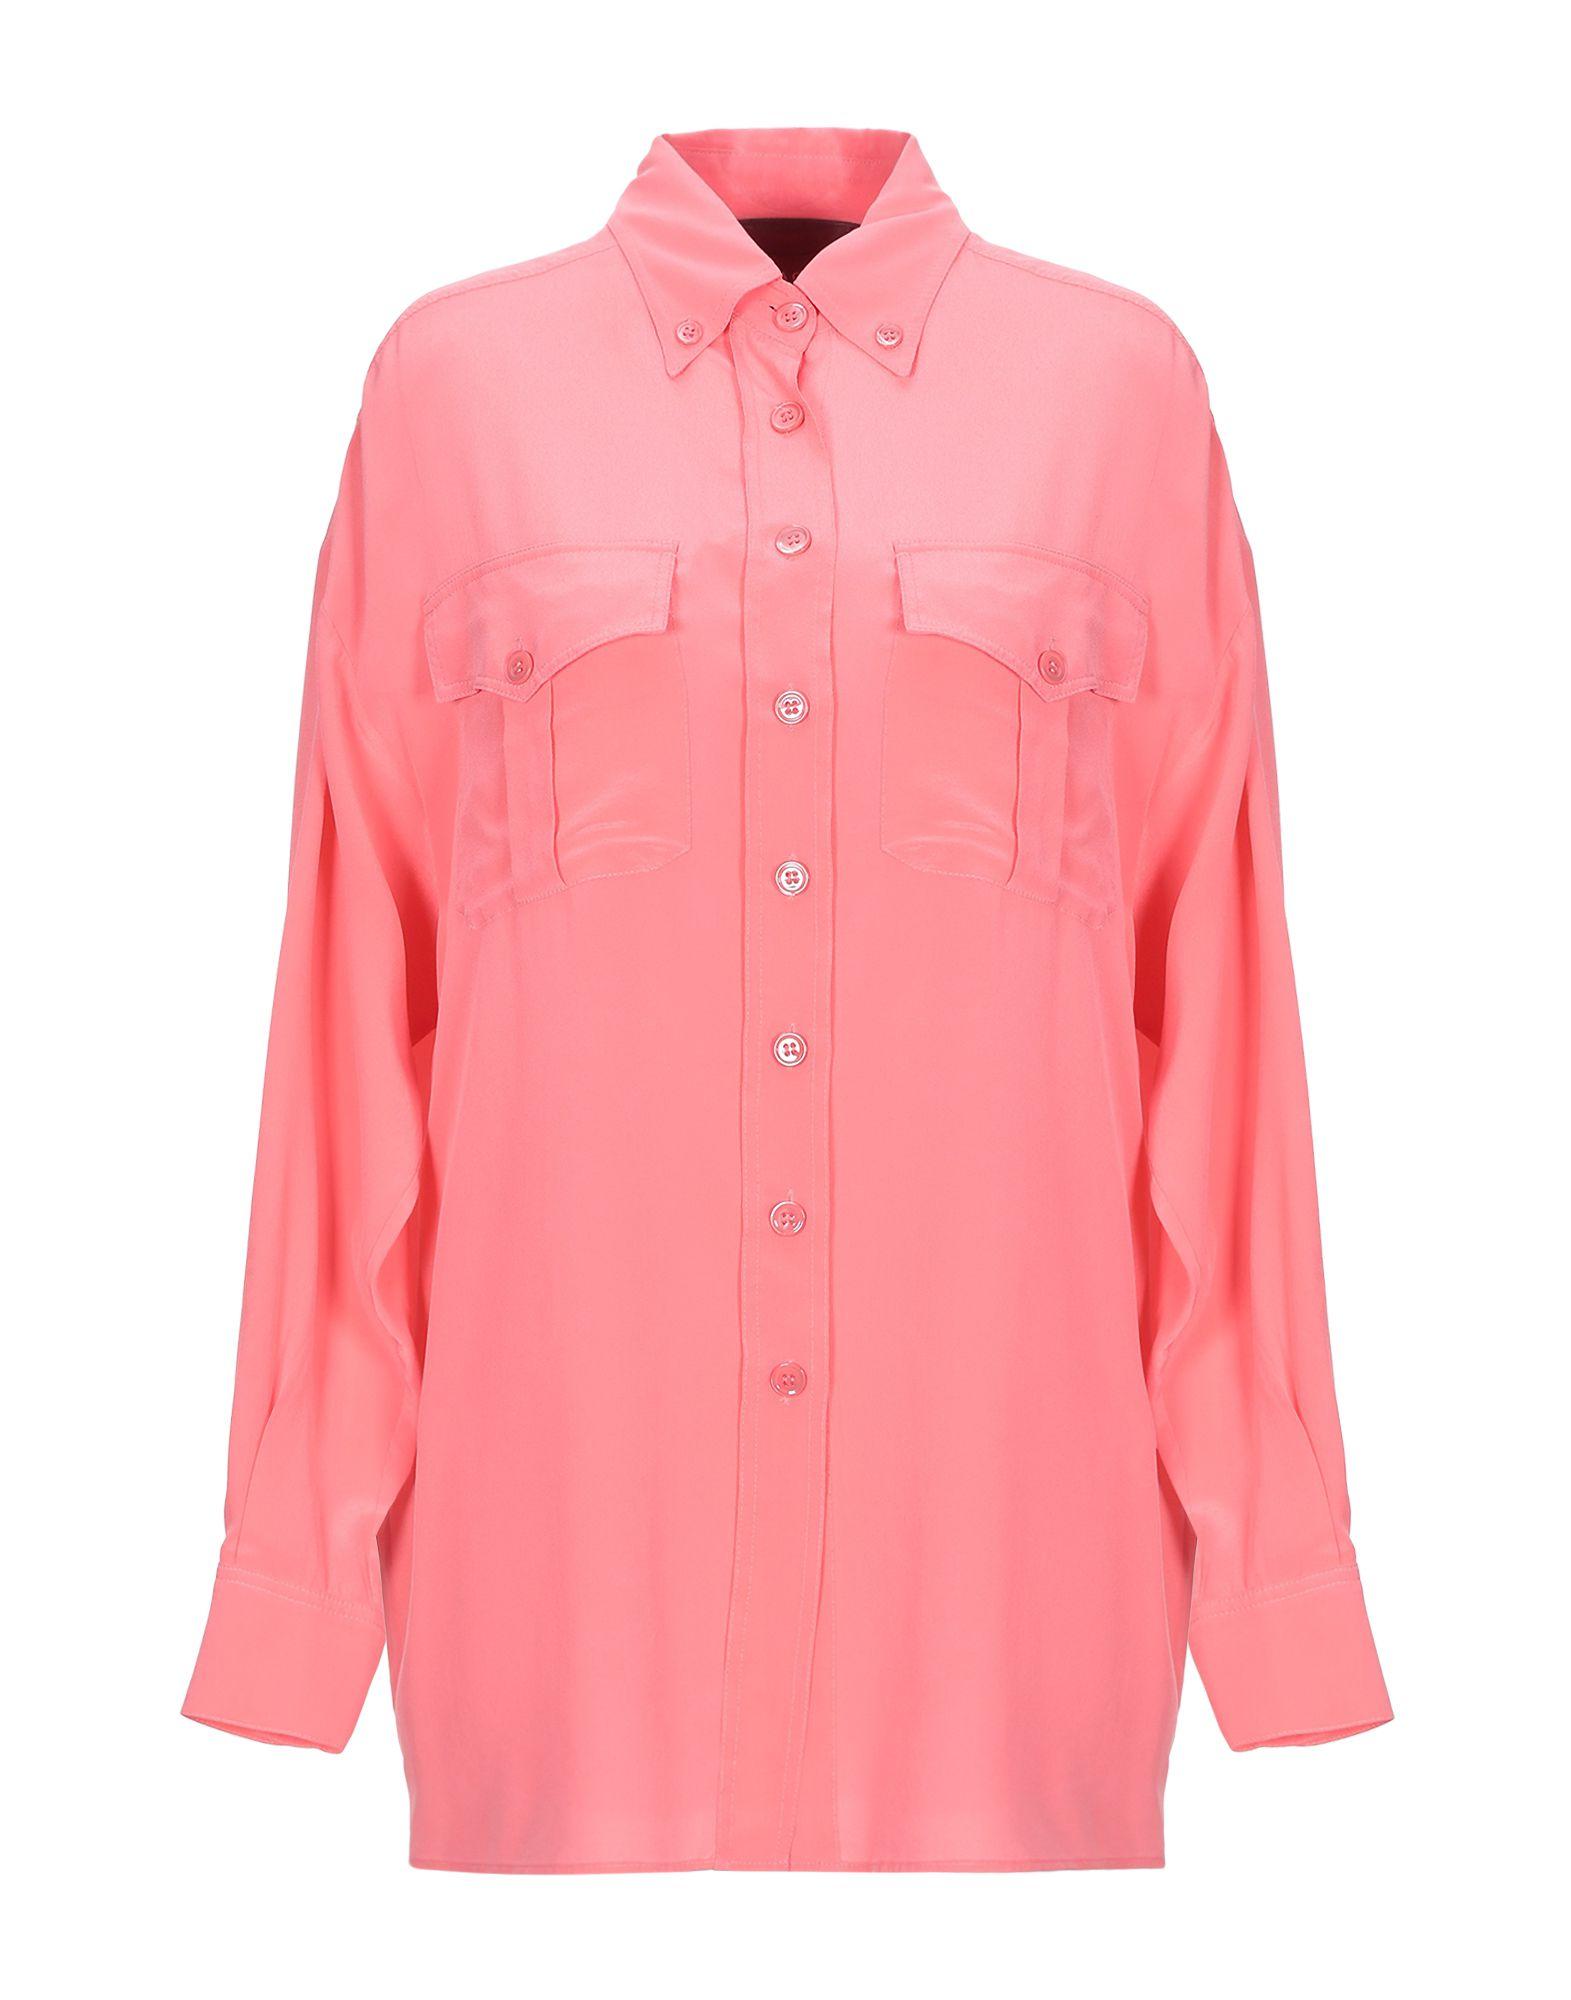 Camicie E bluse In Seta Erika Cavallini donna donna - 38855114LM